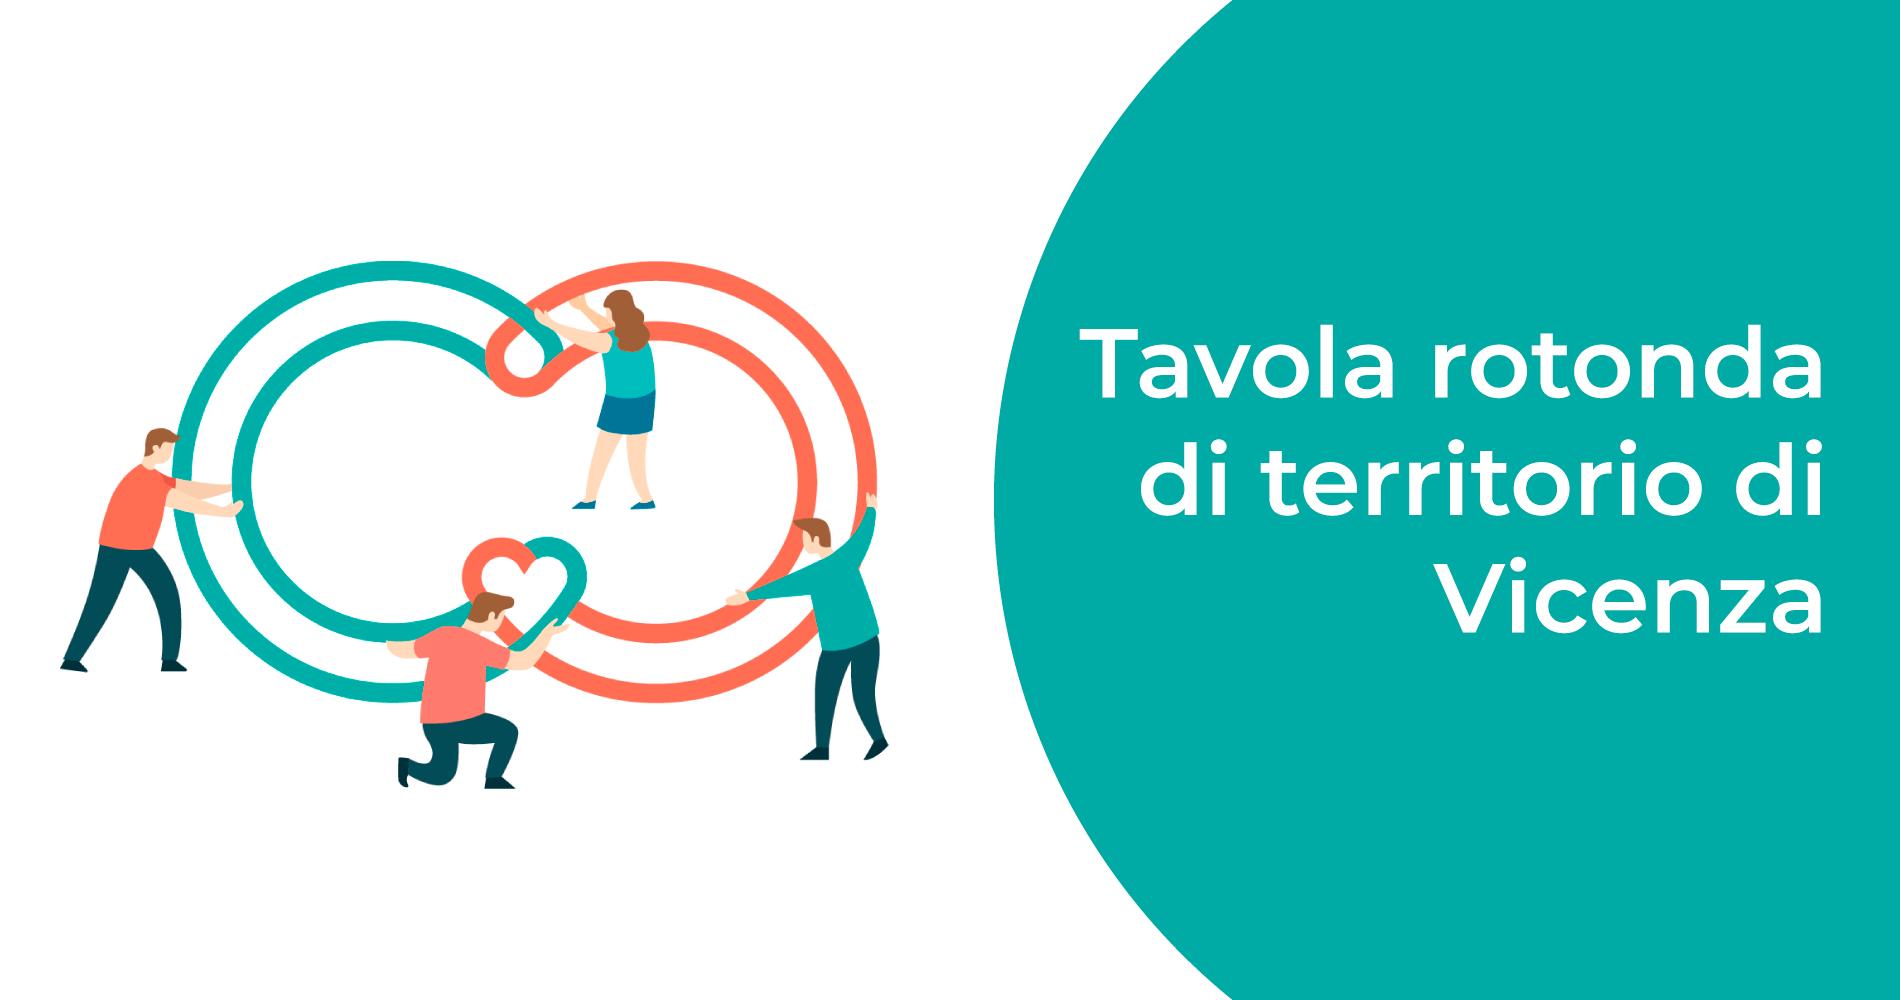 Tavola rotonda di territorio di Vicenza